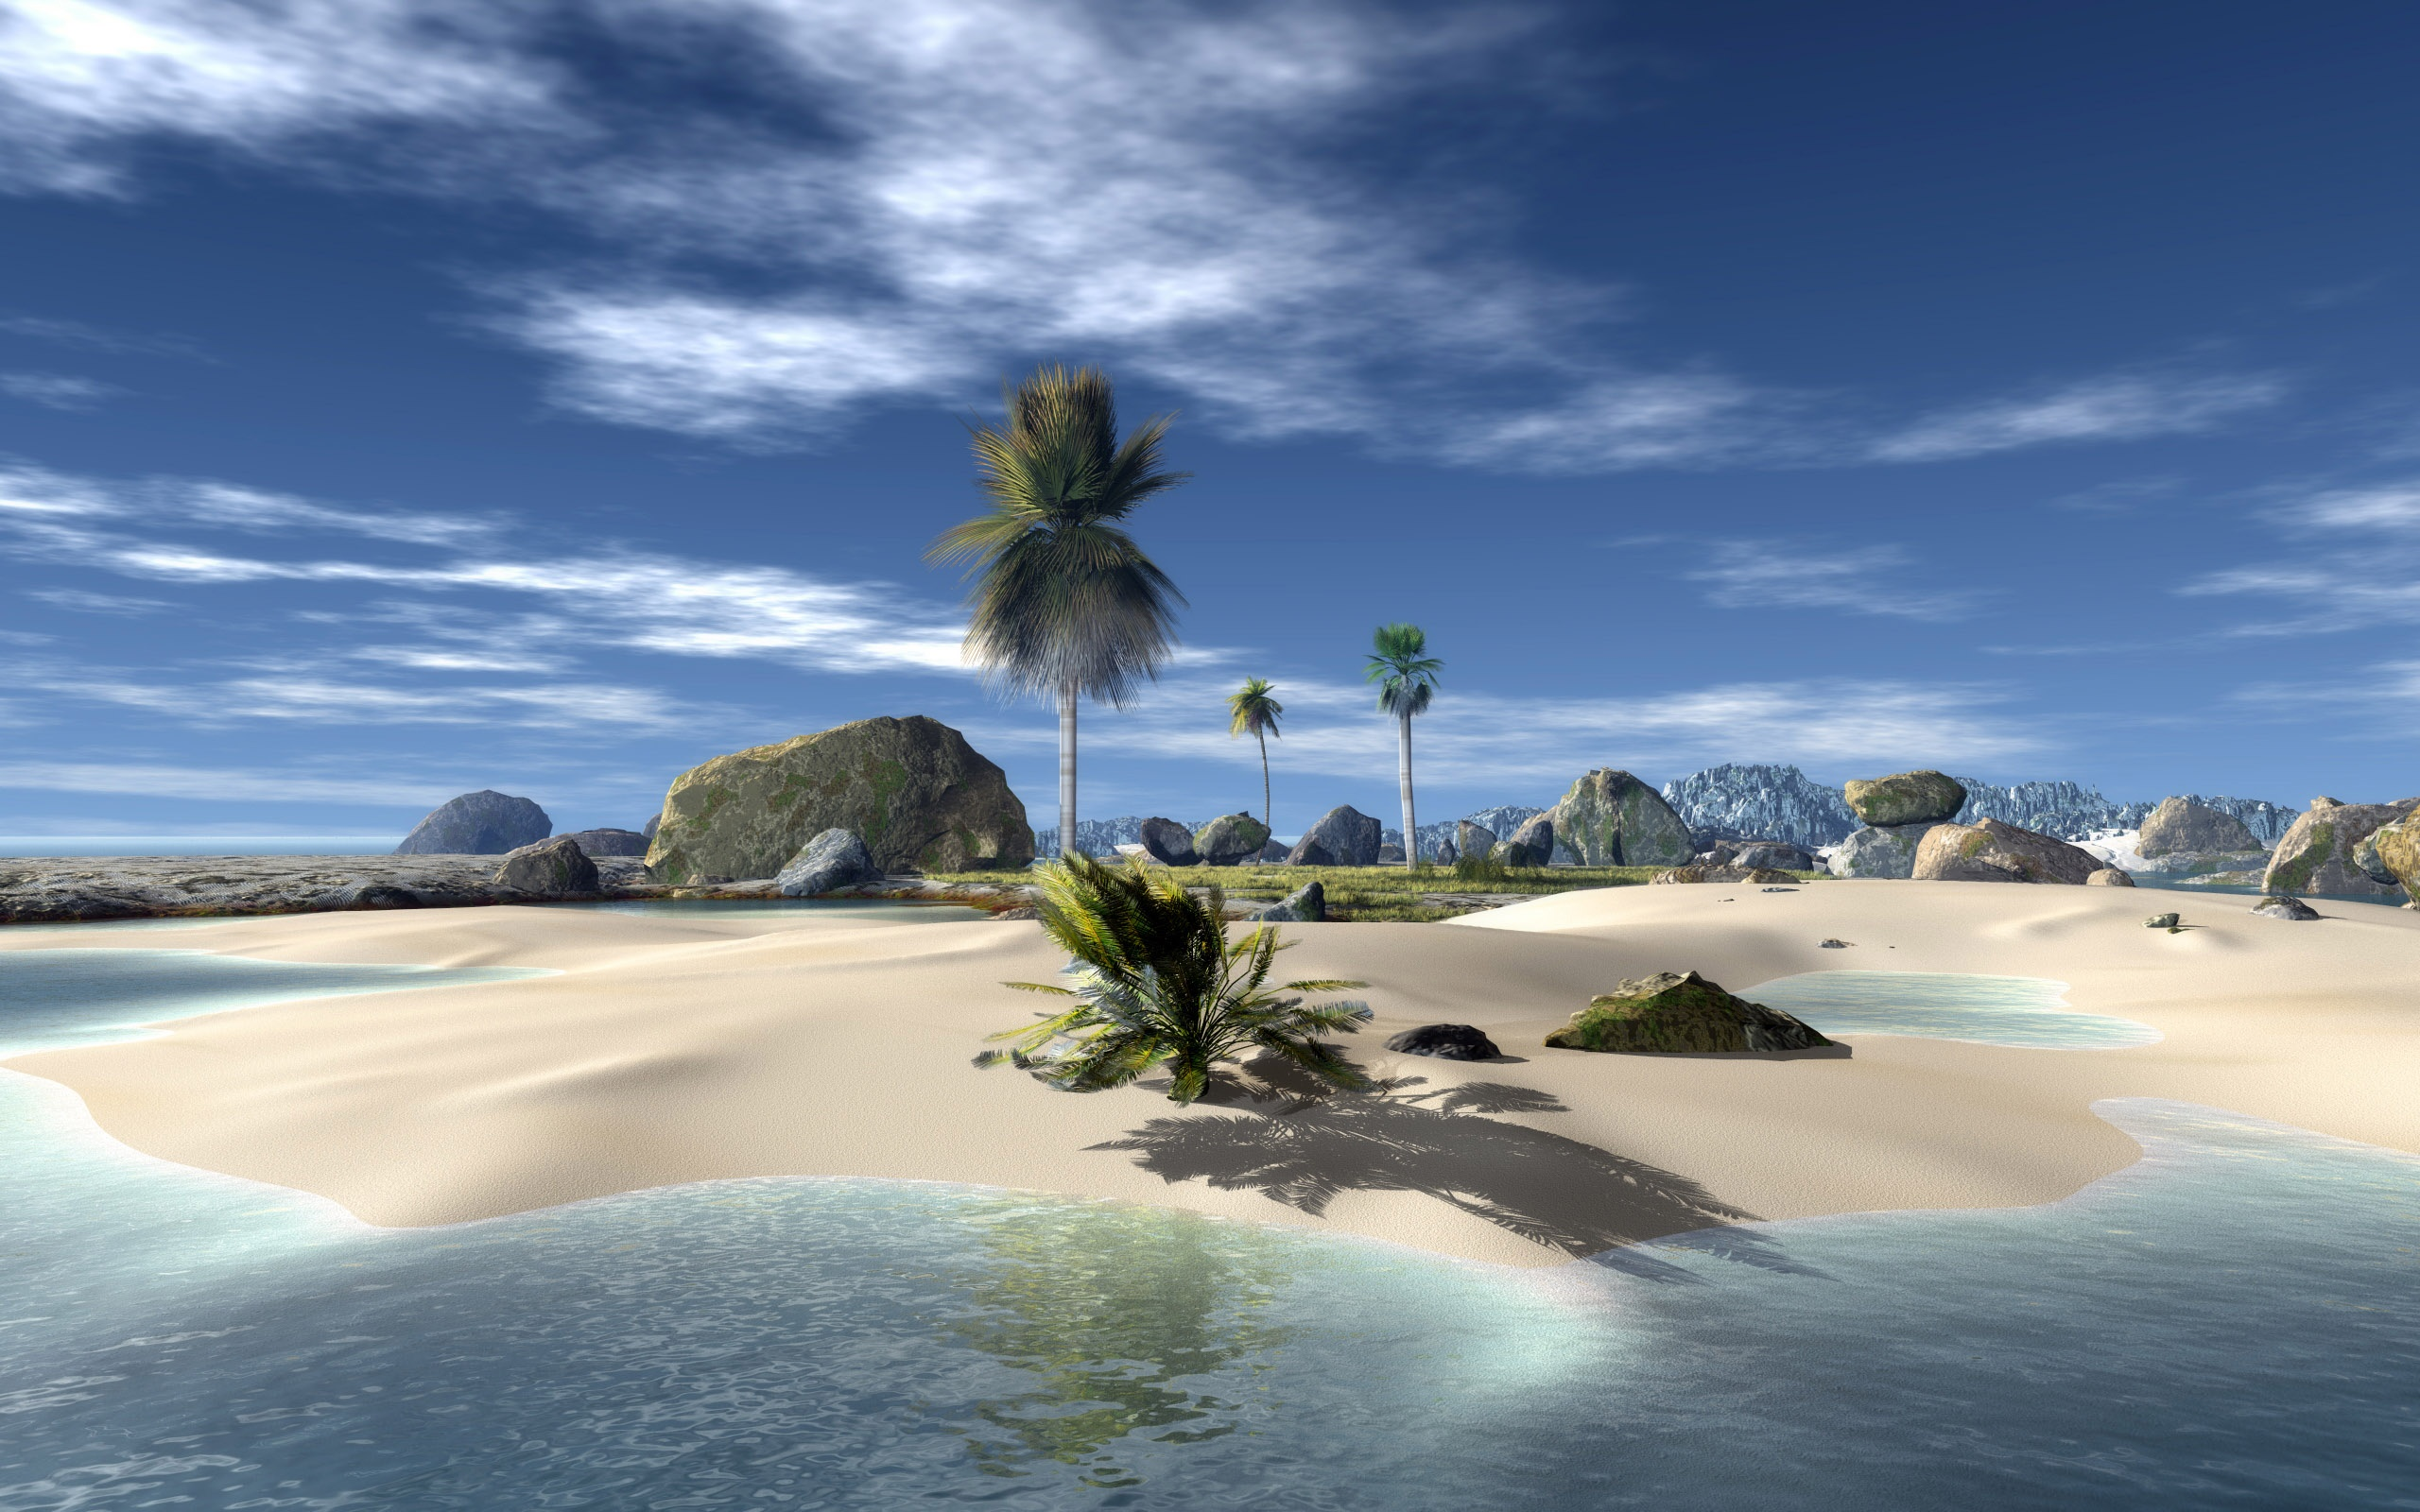 2560 x 1600 Wide Wallpapers Photos Desktop Wallpaper heaven beach 2560x1600